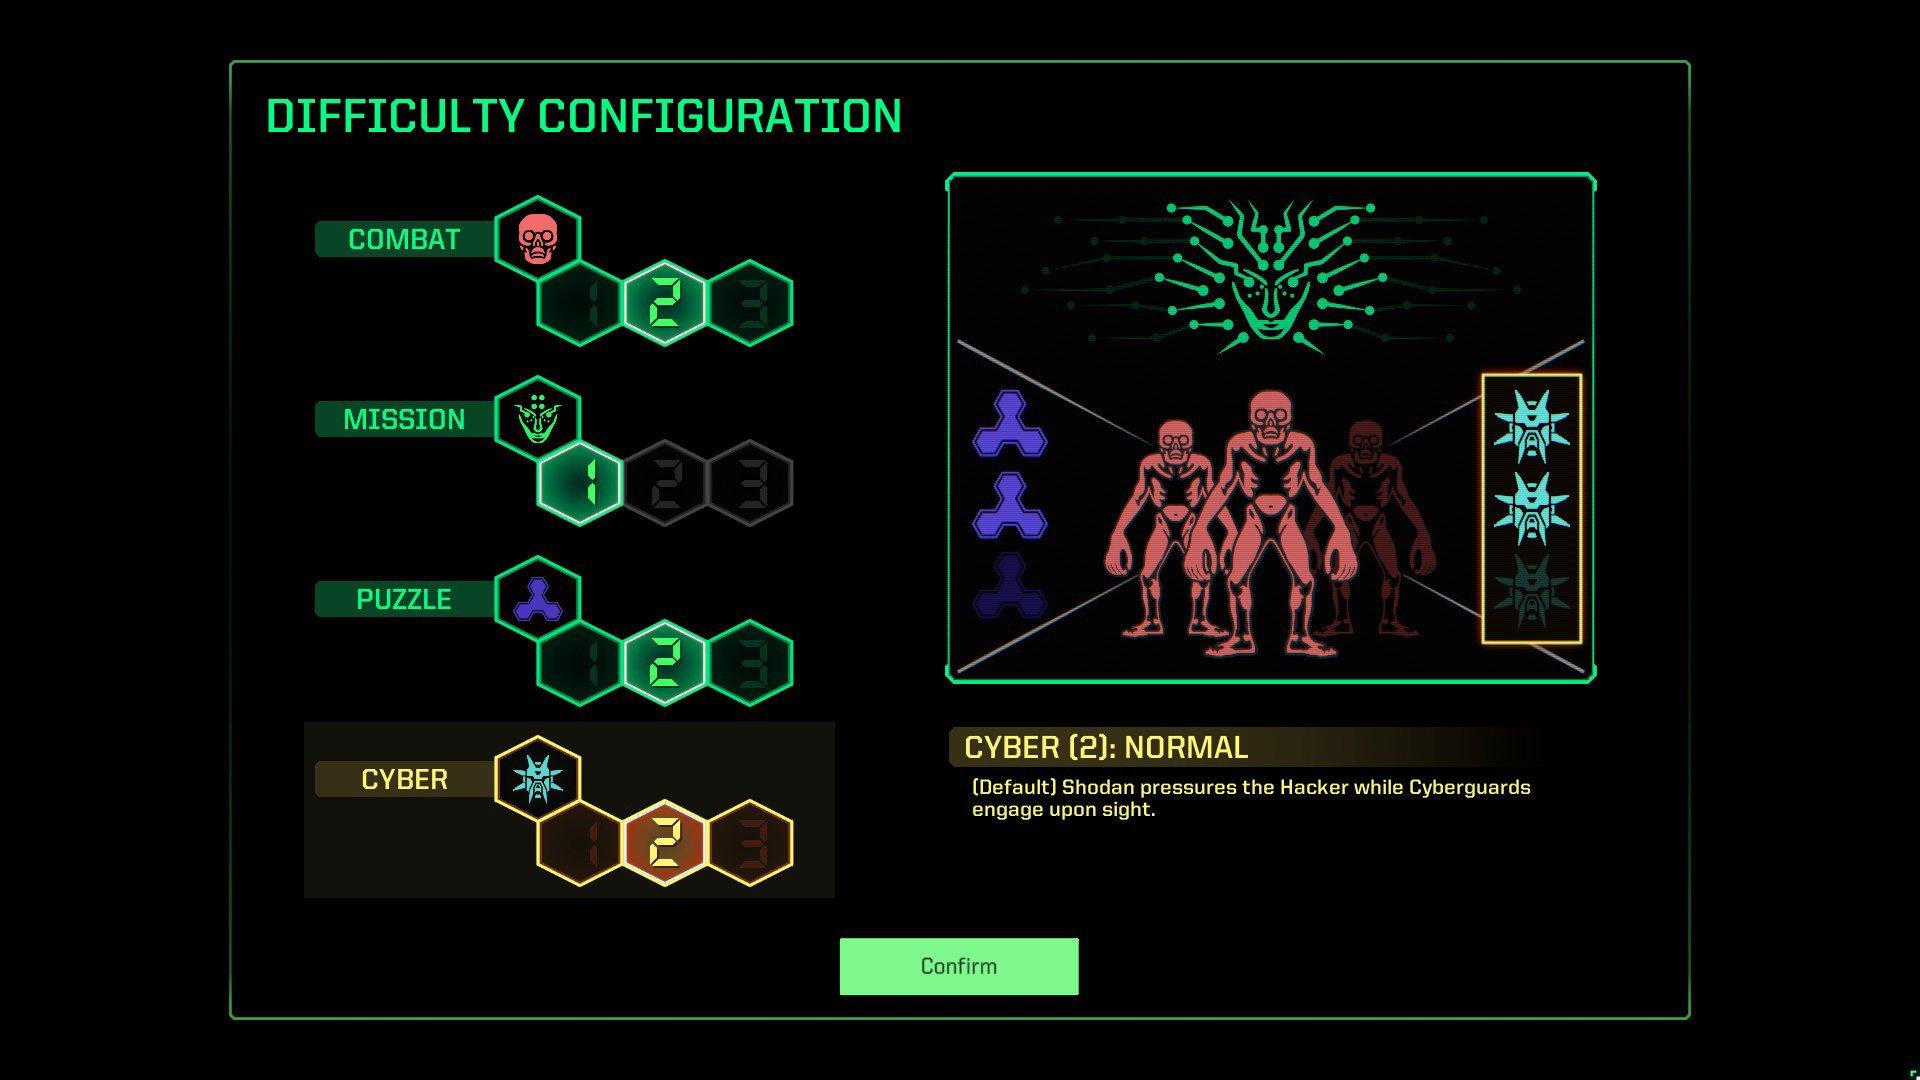 Vous pouvez modifier le combat, la mission, le casse-tête et la cyber difficulté dans System Shock (2021).